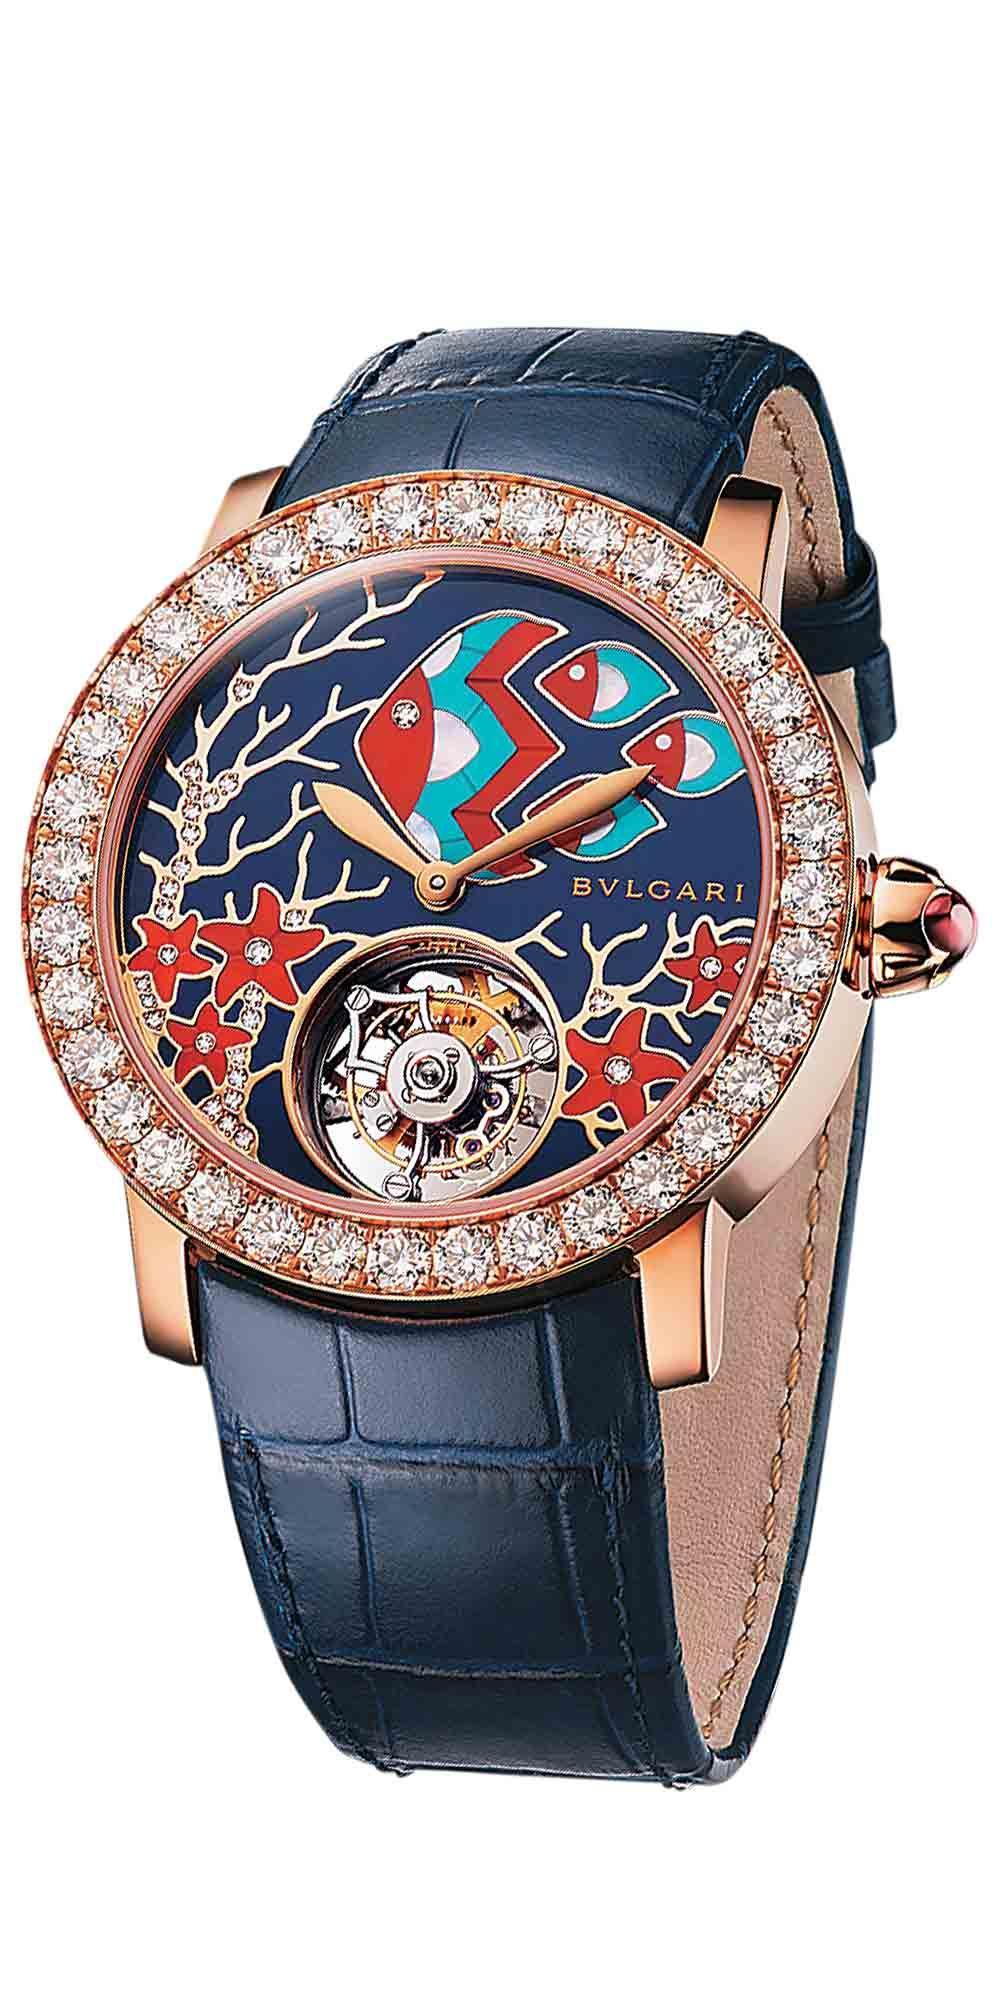 bulgari - Google Search Horlogerie, Montres Pour Dames, Montres Pour  Femmes, Horloge, 66b763fea18